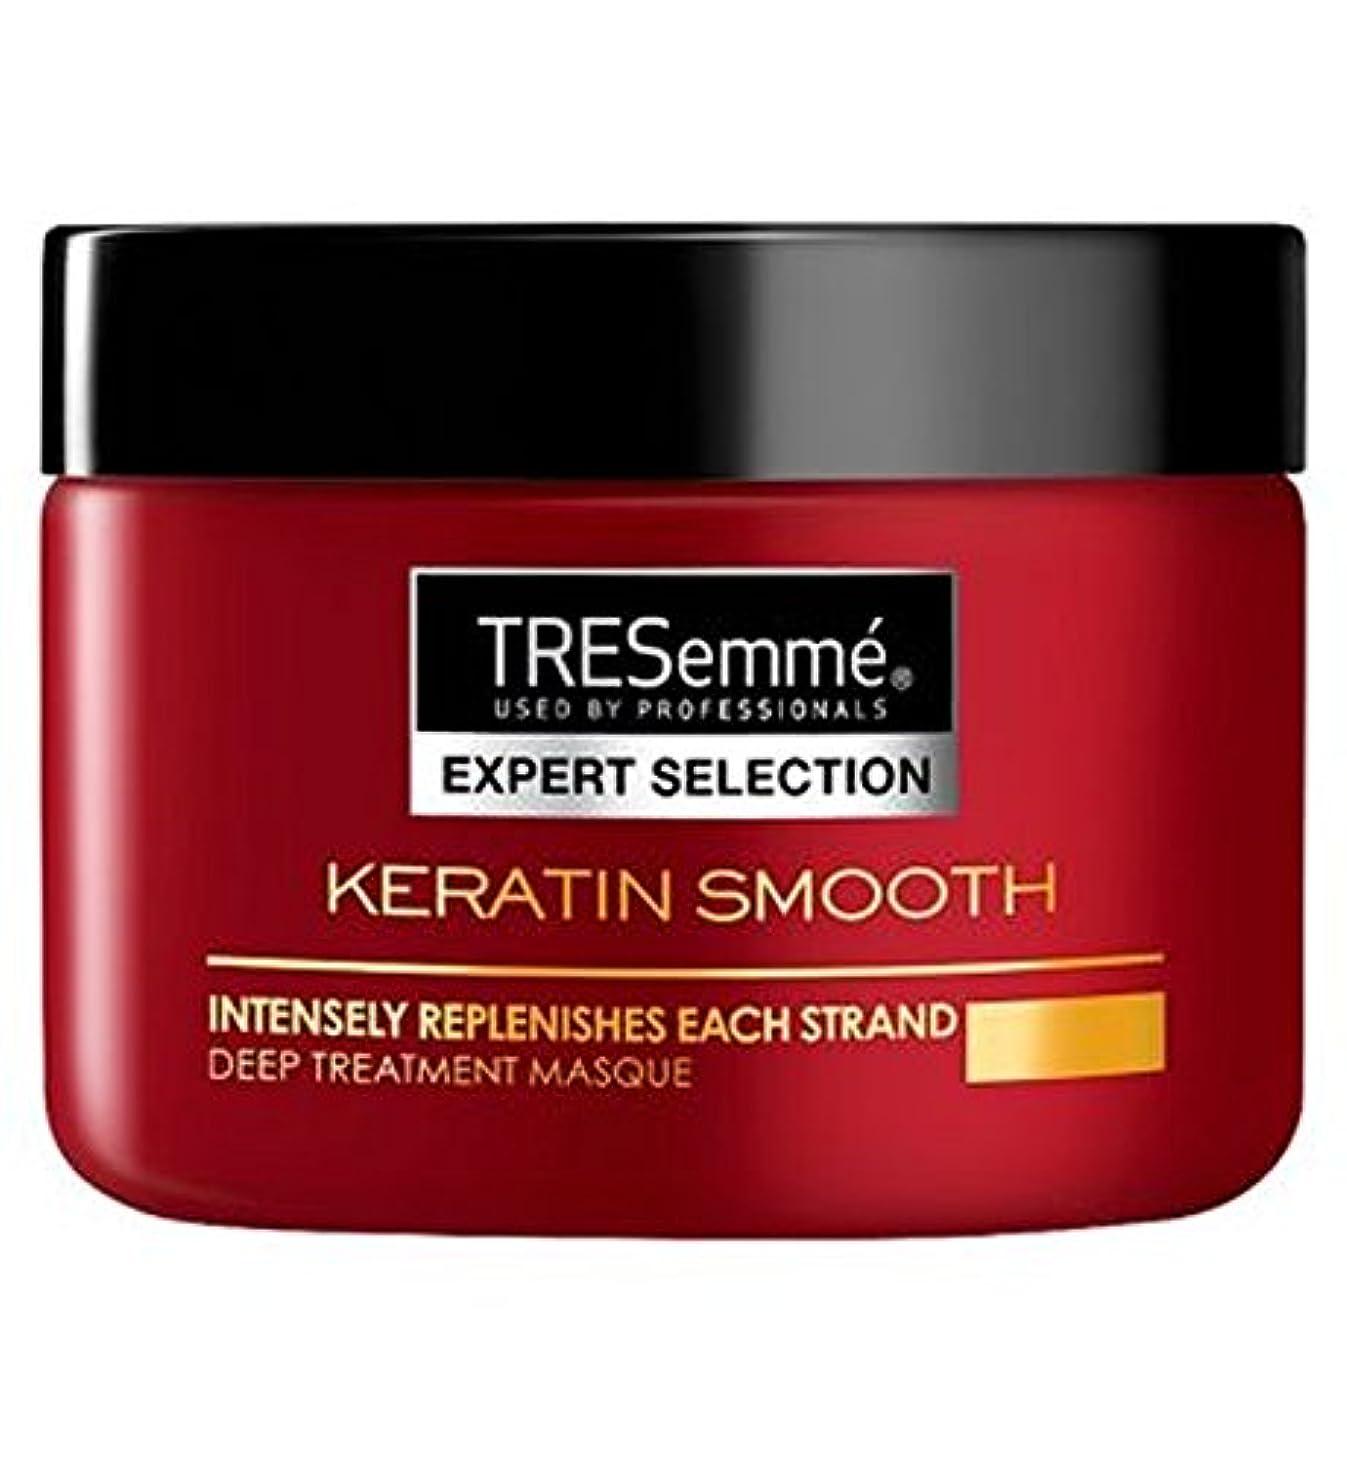 スツール彫刻家スツールTresemmeケラチン滑らかな深い治療の仮面劇の300ミリリットル (Tresemme) (x2) - Tresemme Keratin Smooth Deep Treatment Masque 300ml (Pack...